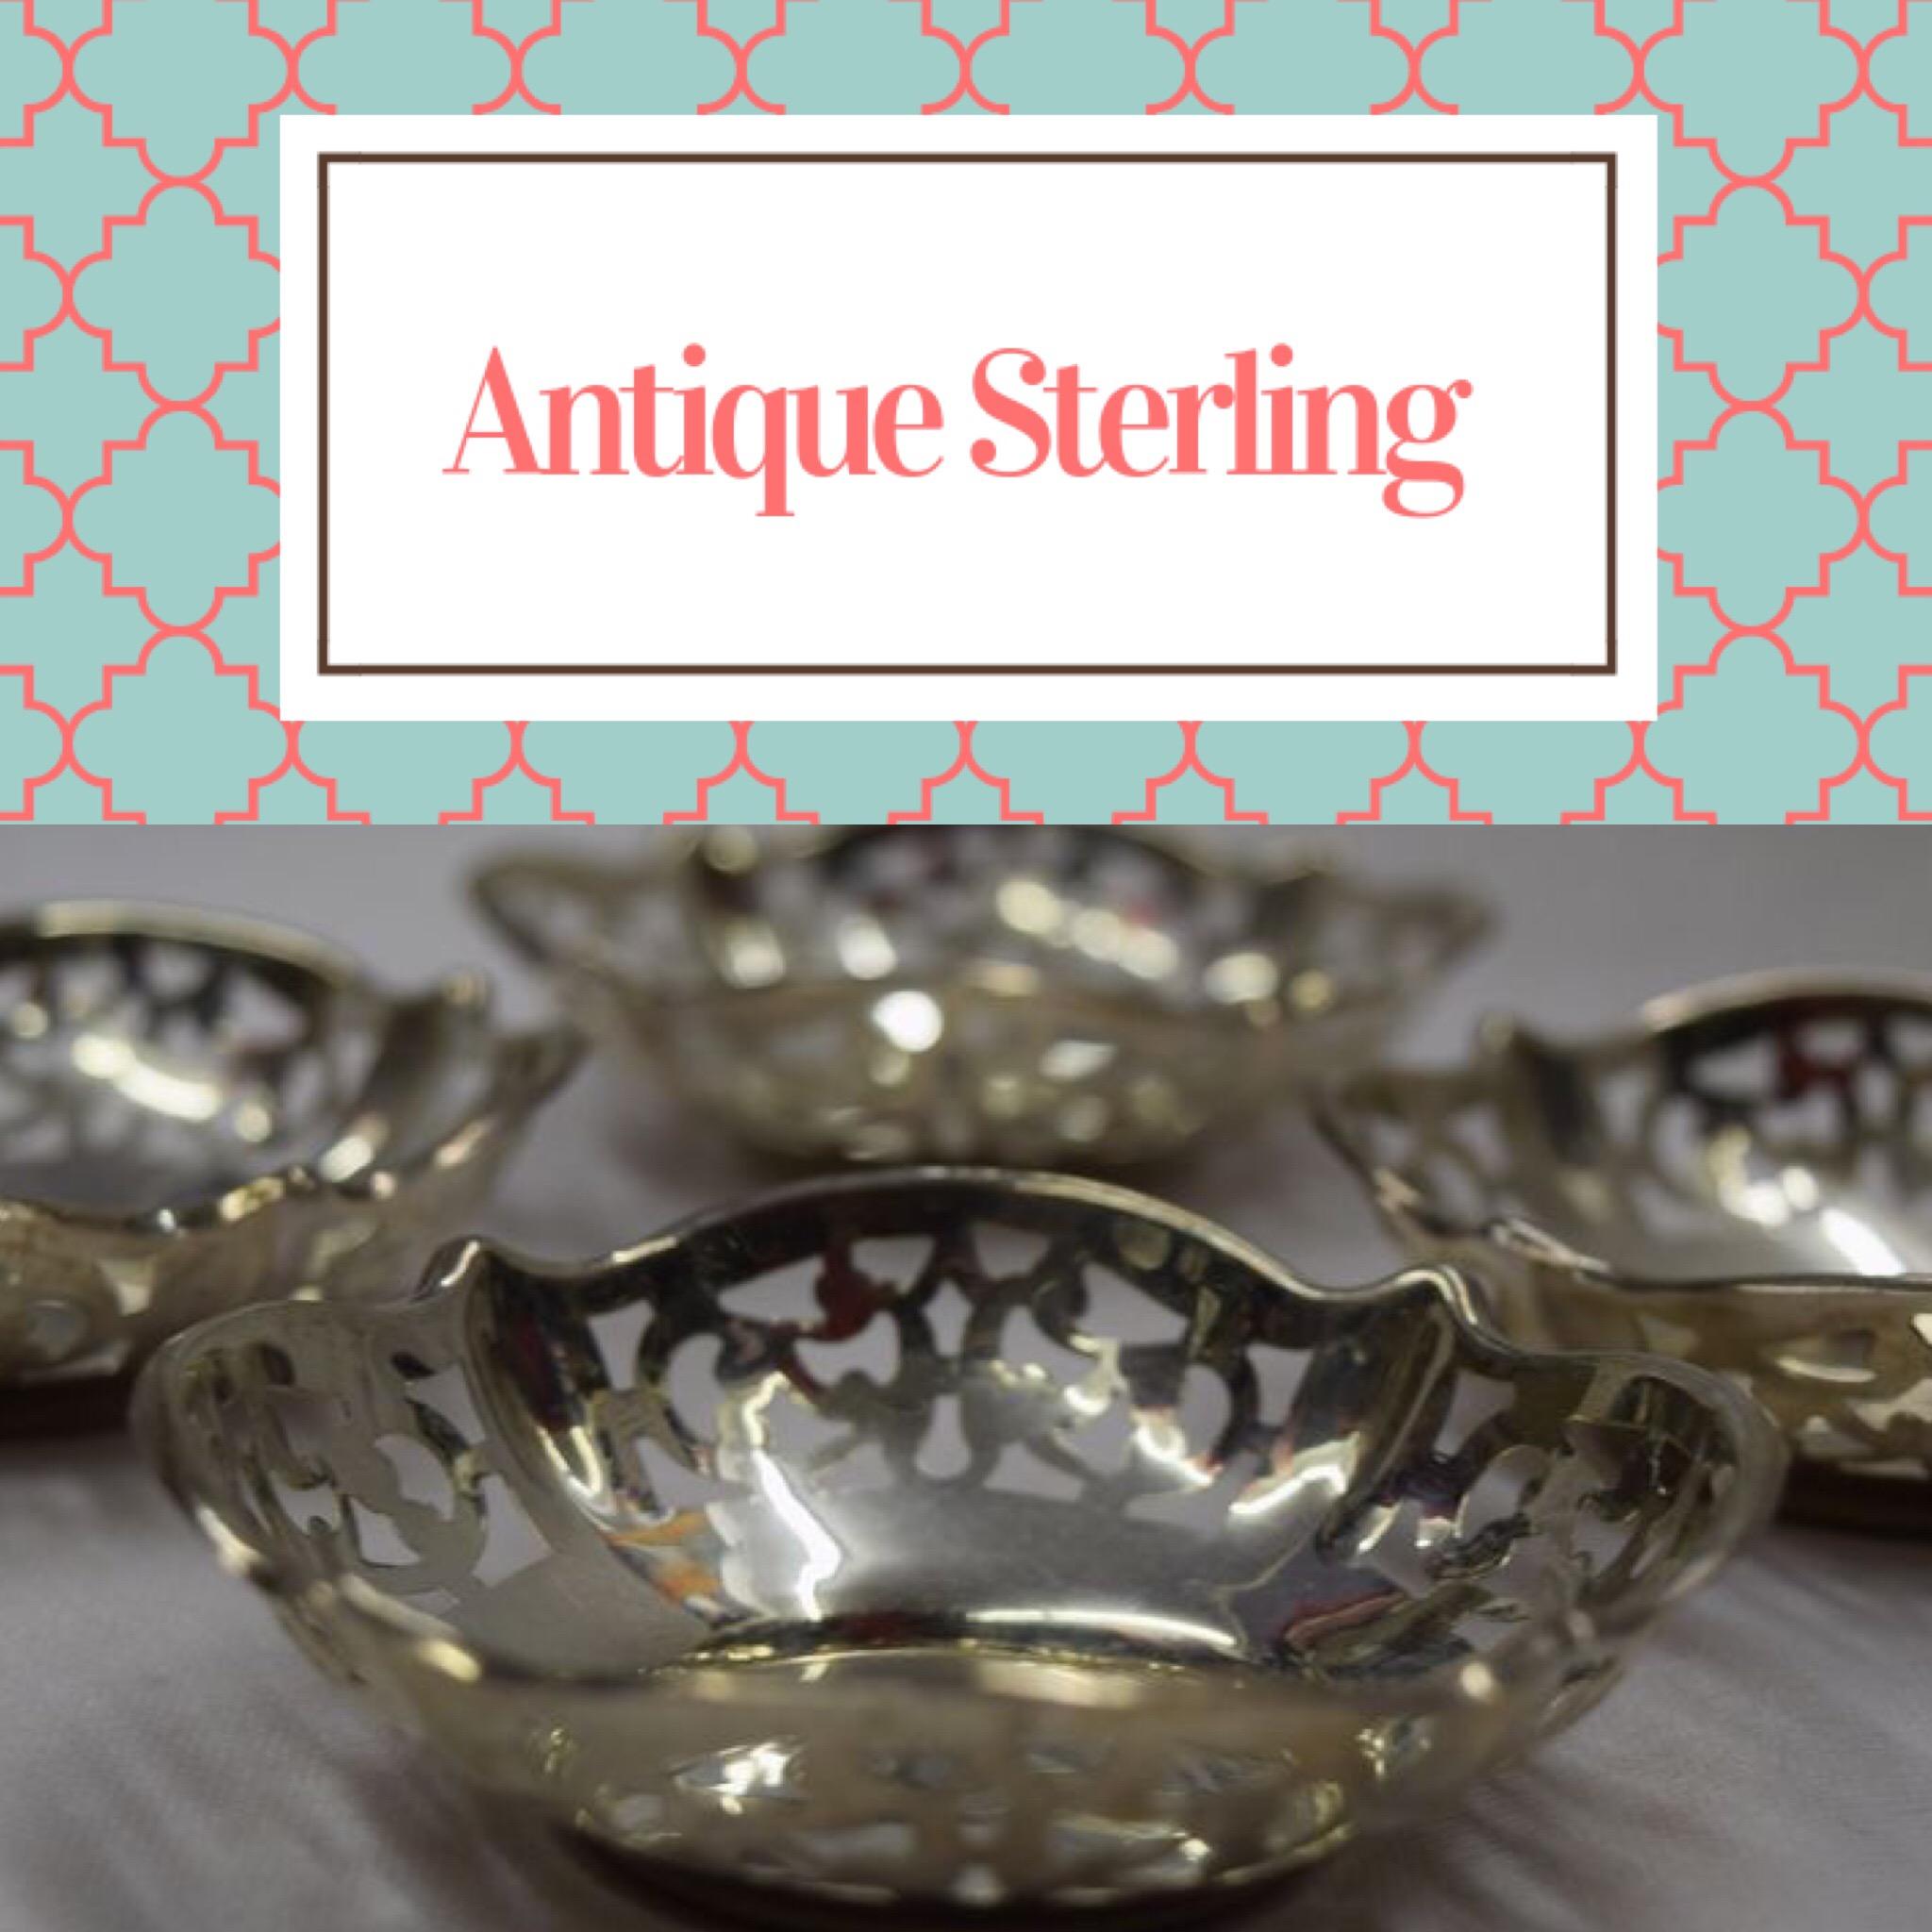 Antique Sterling Dishware